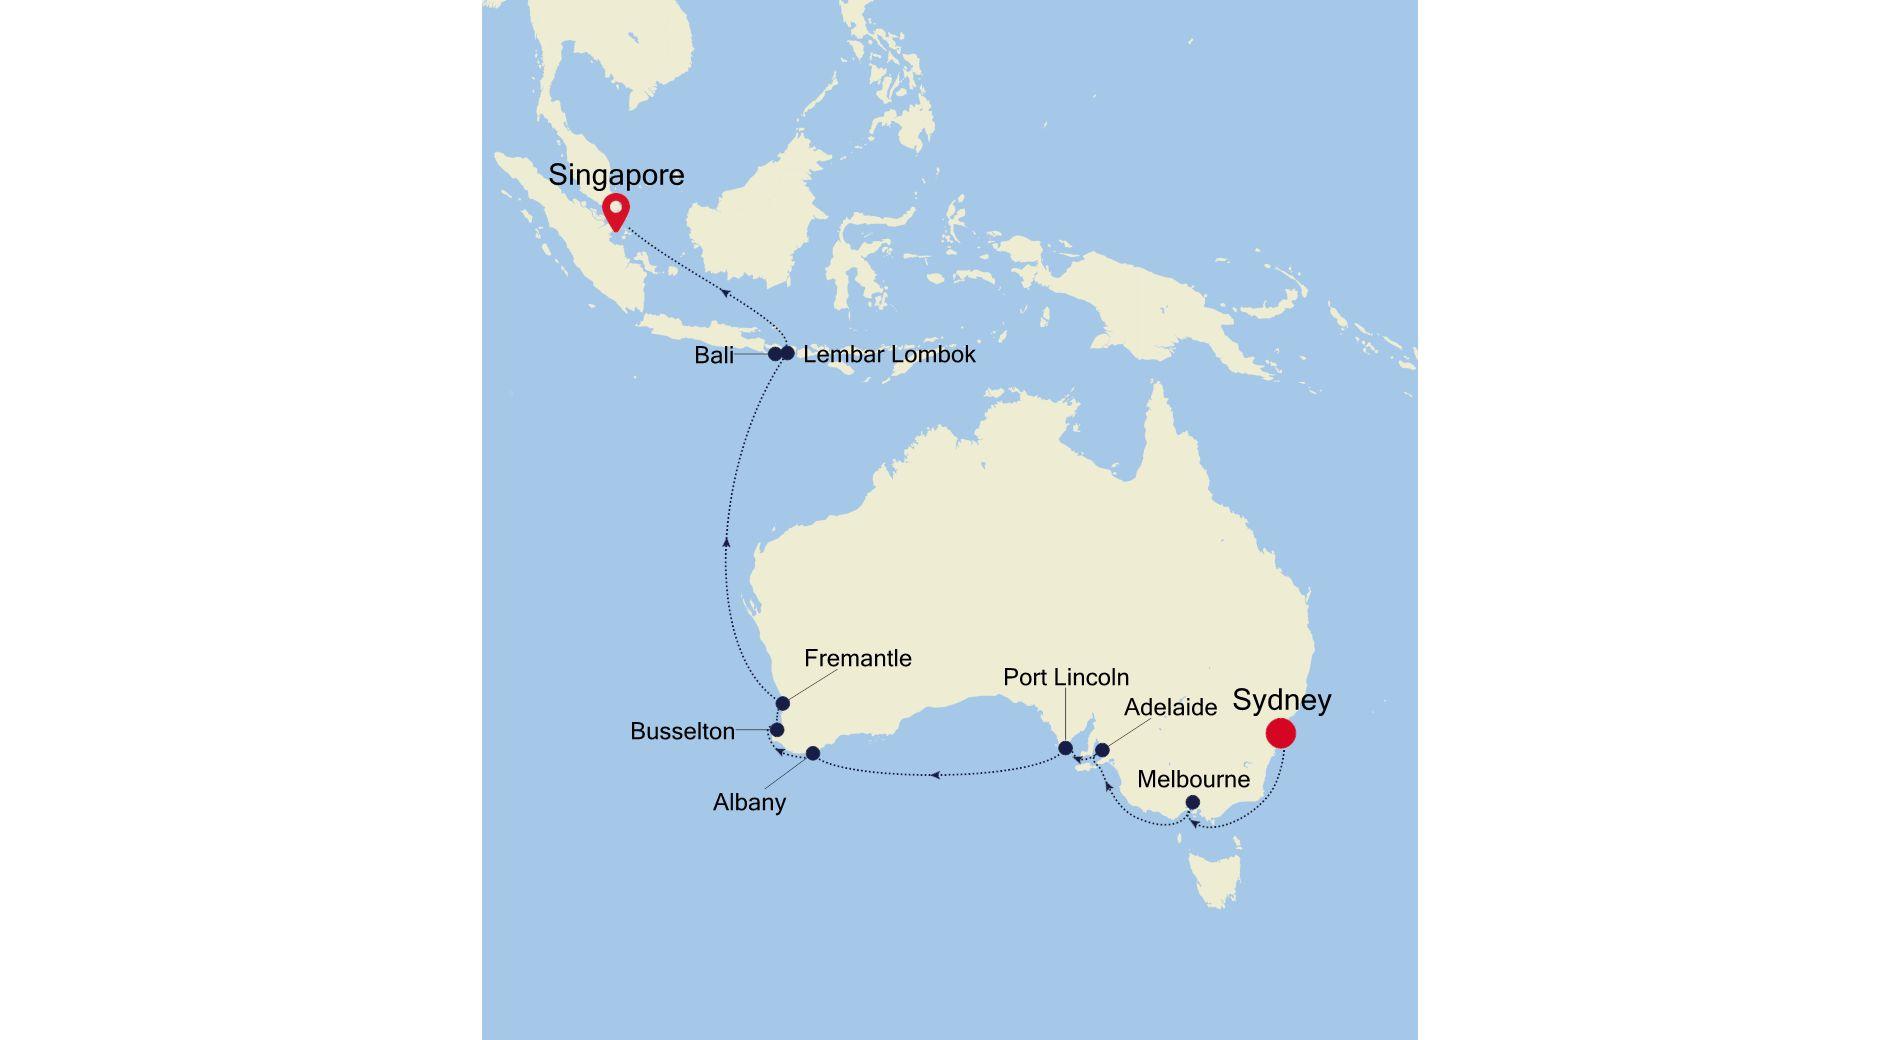 SM220219018 - Sydney a Singapore